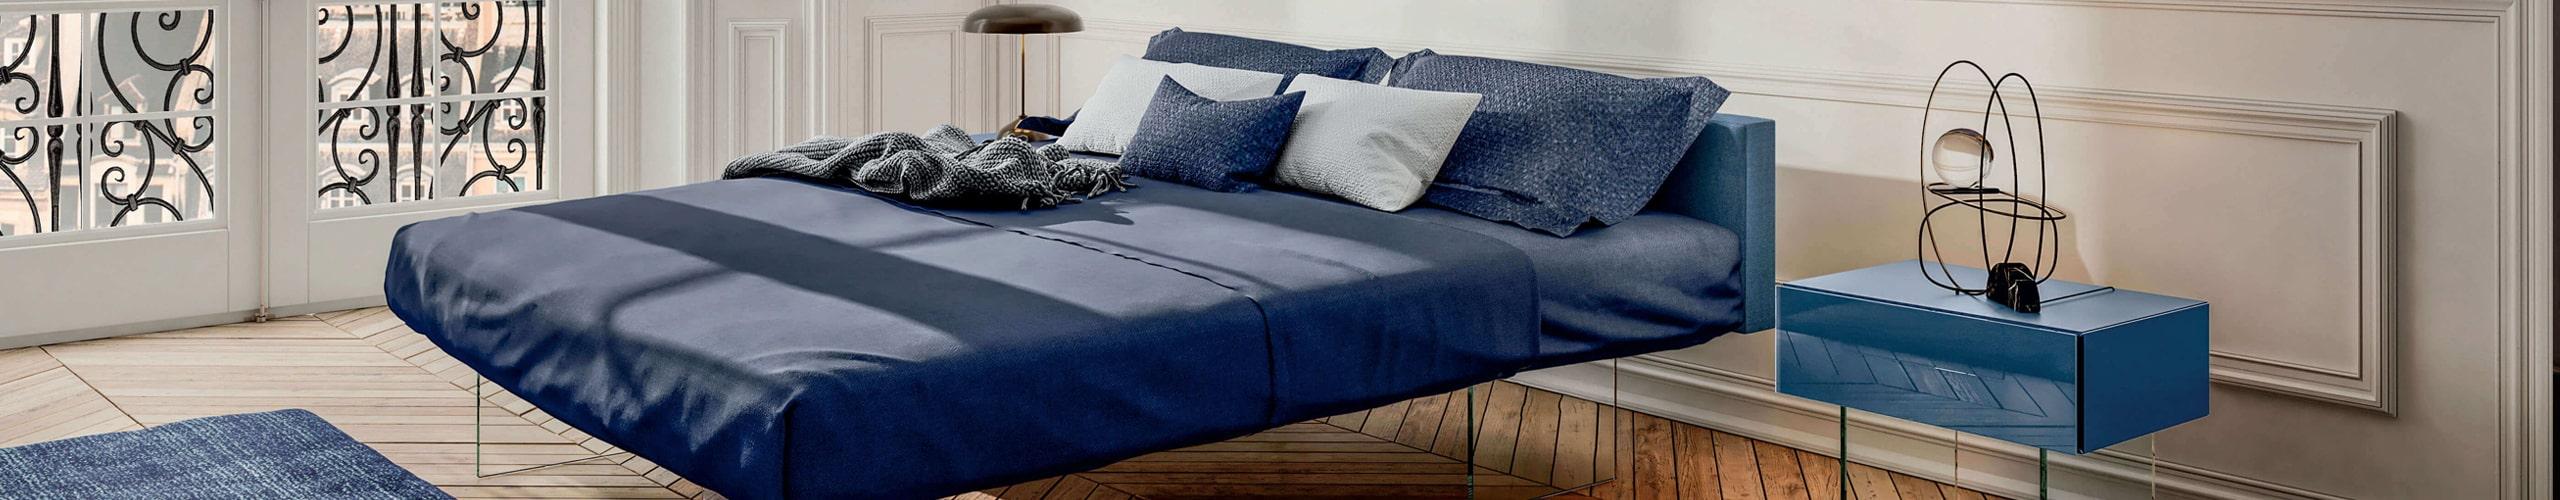 zona-notte-arredamento-di-lusso-mobili-maxxi-interior-design-lecce-brindisi-taranto